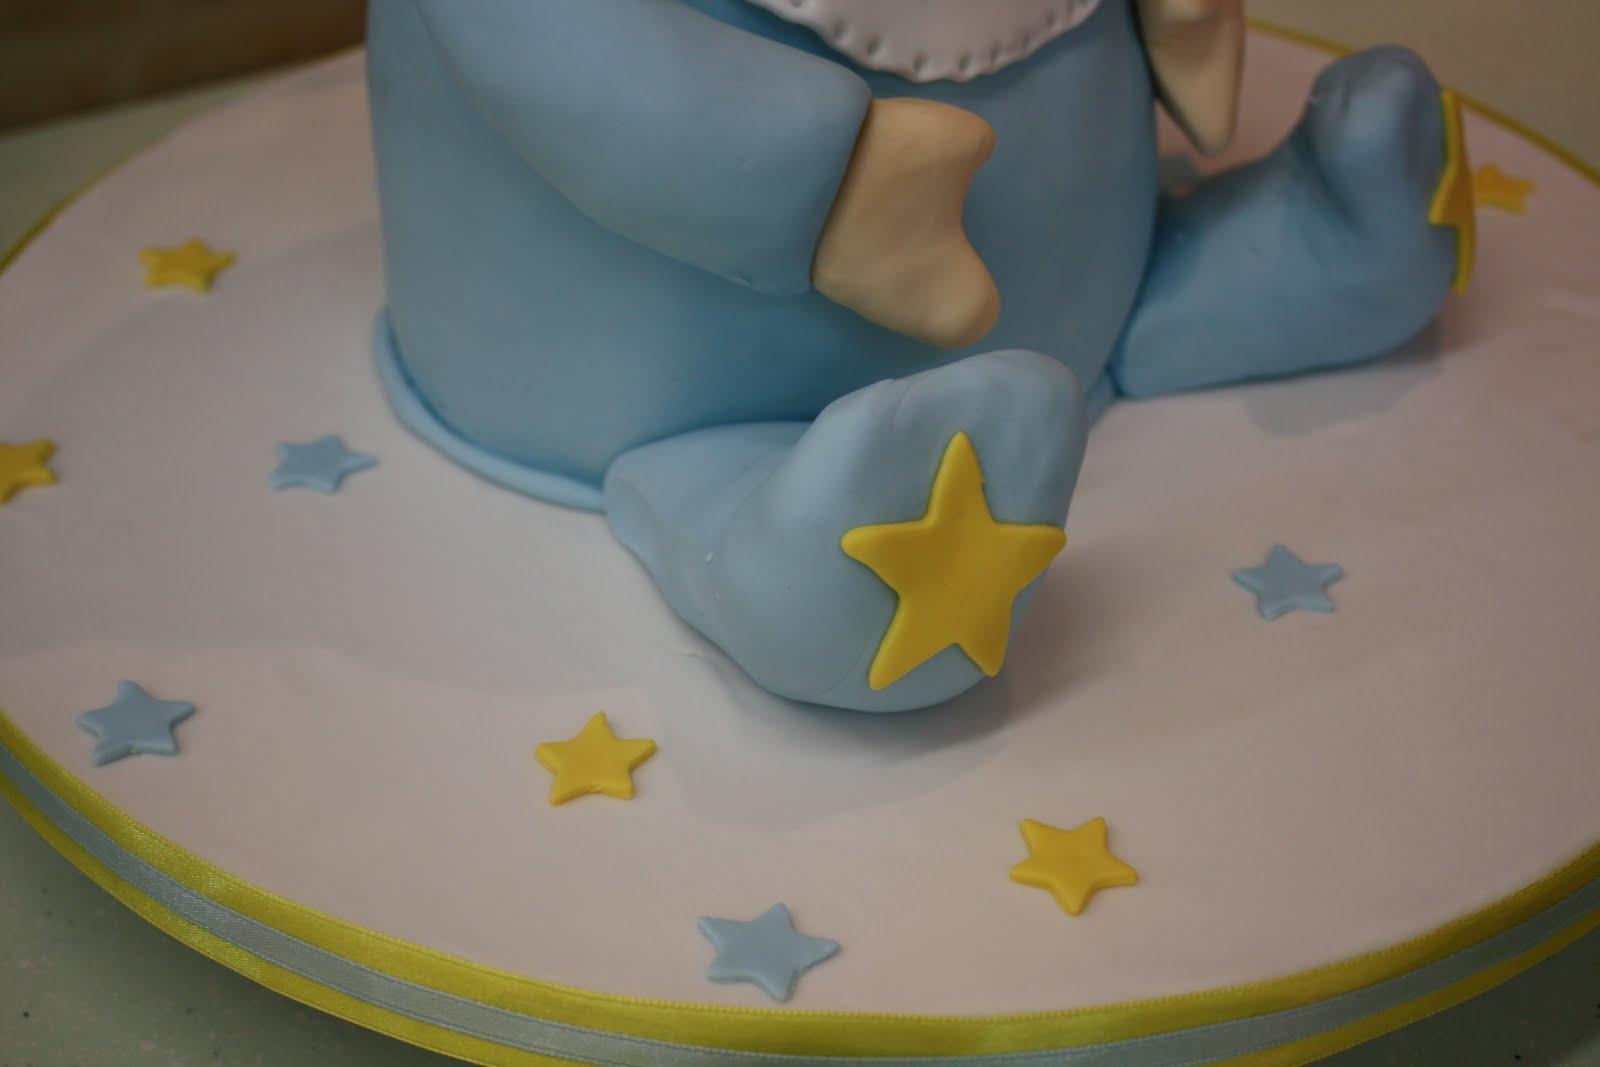 Complete Deelite 3d Baby Luvin Cake